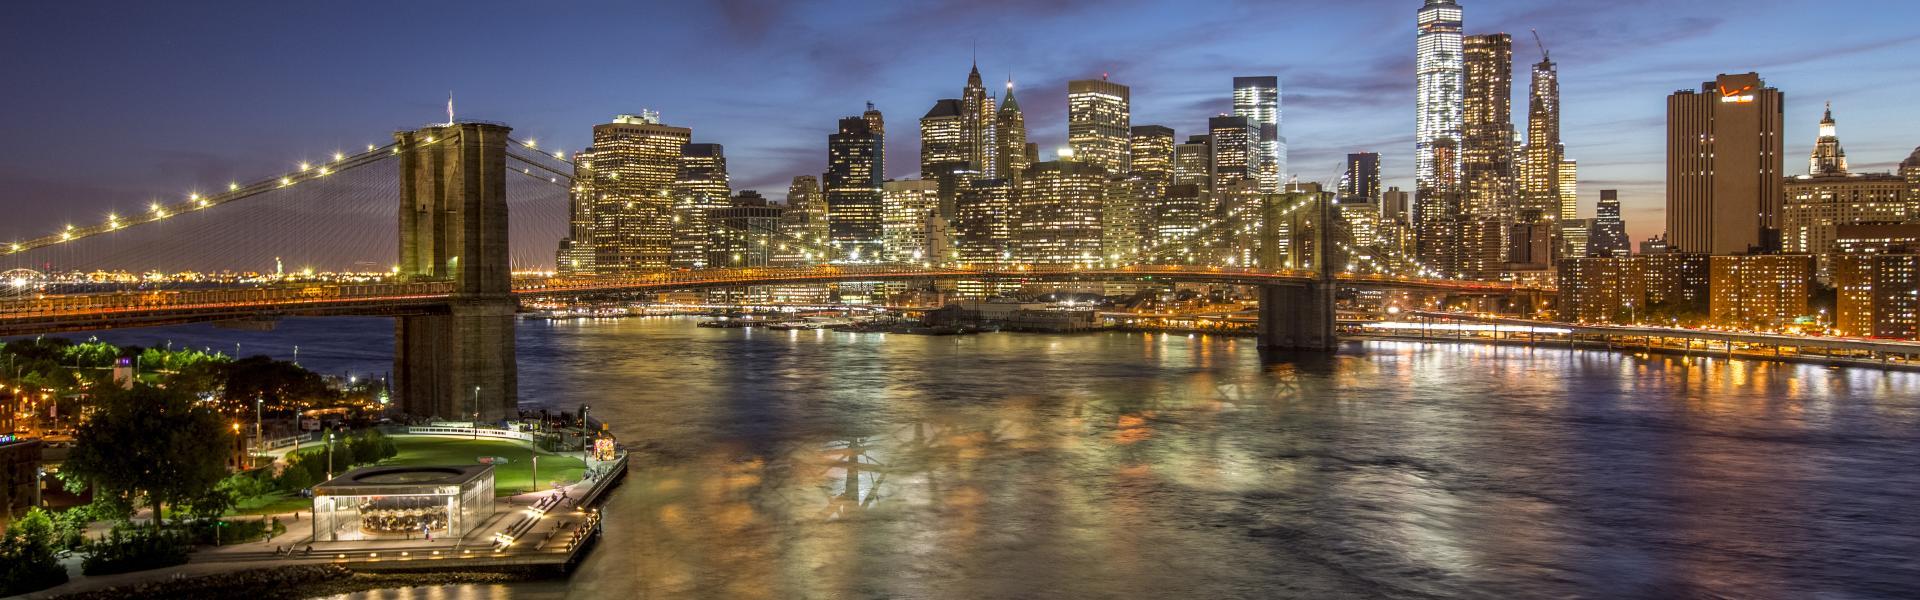 Brooklyn Bridge, Manhattan skyline, brooklyn, Tom Perry